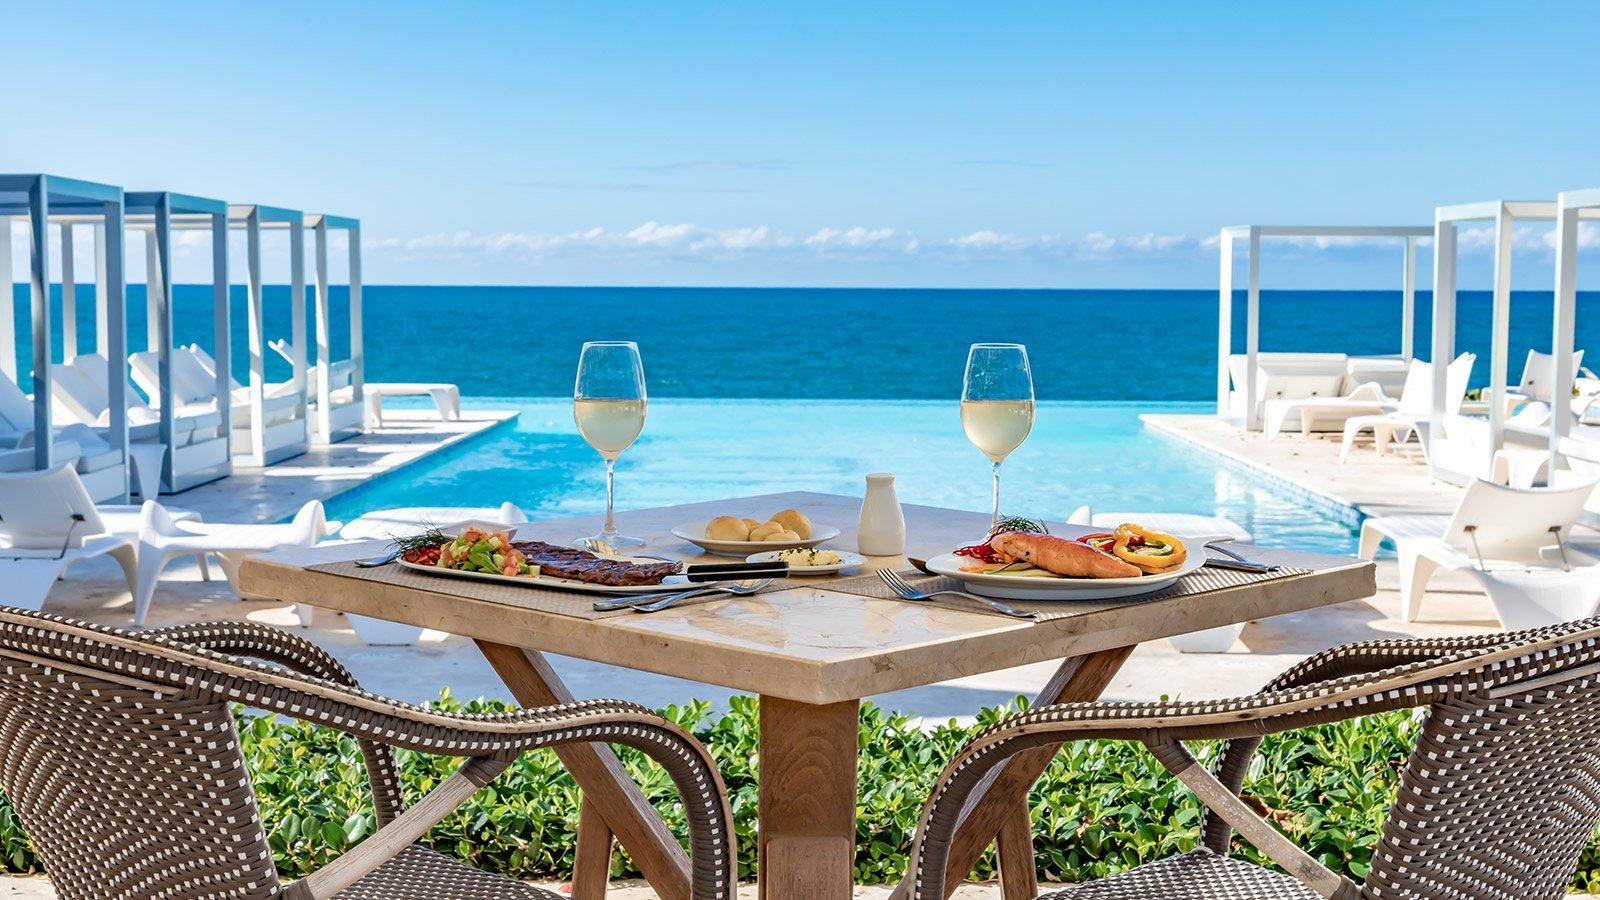 Oceanfront restaurant table